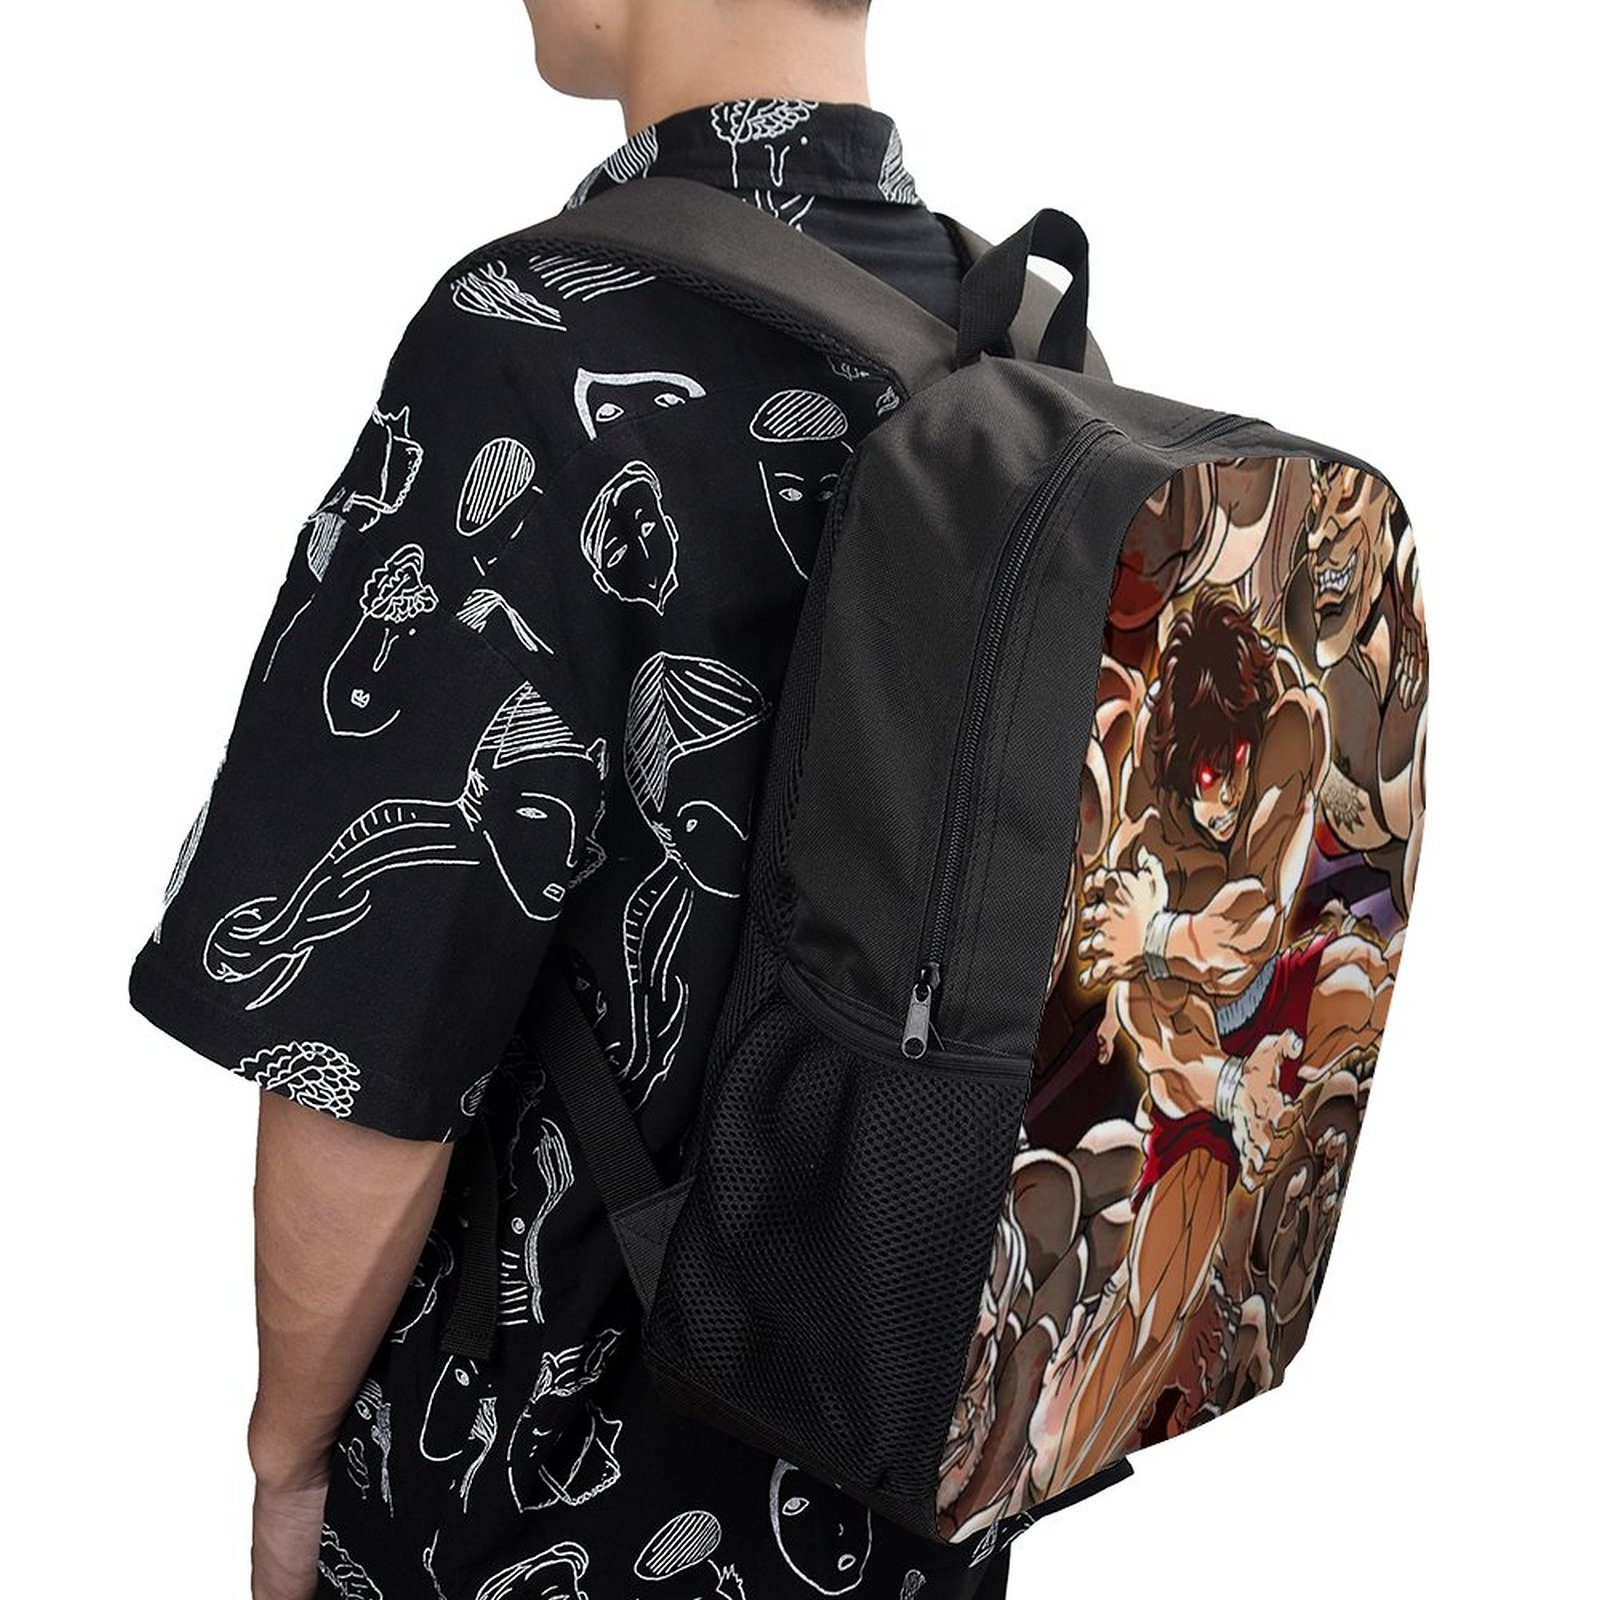 H6a9ad2fbdf19448fa890e0a376efc0afl - Anime Backpacks